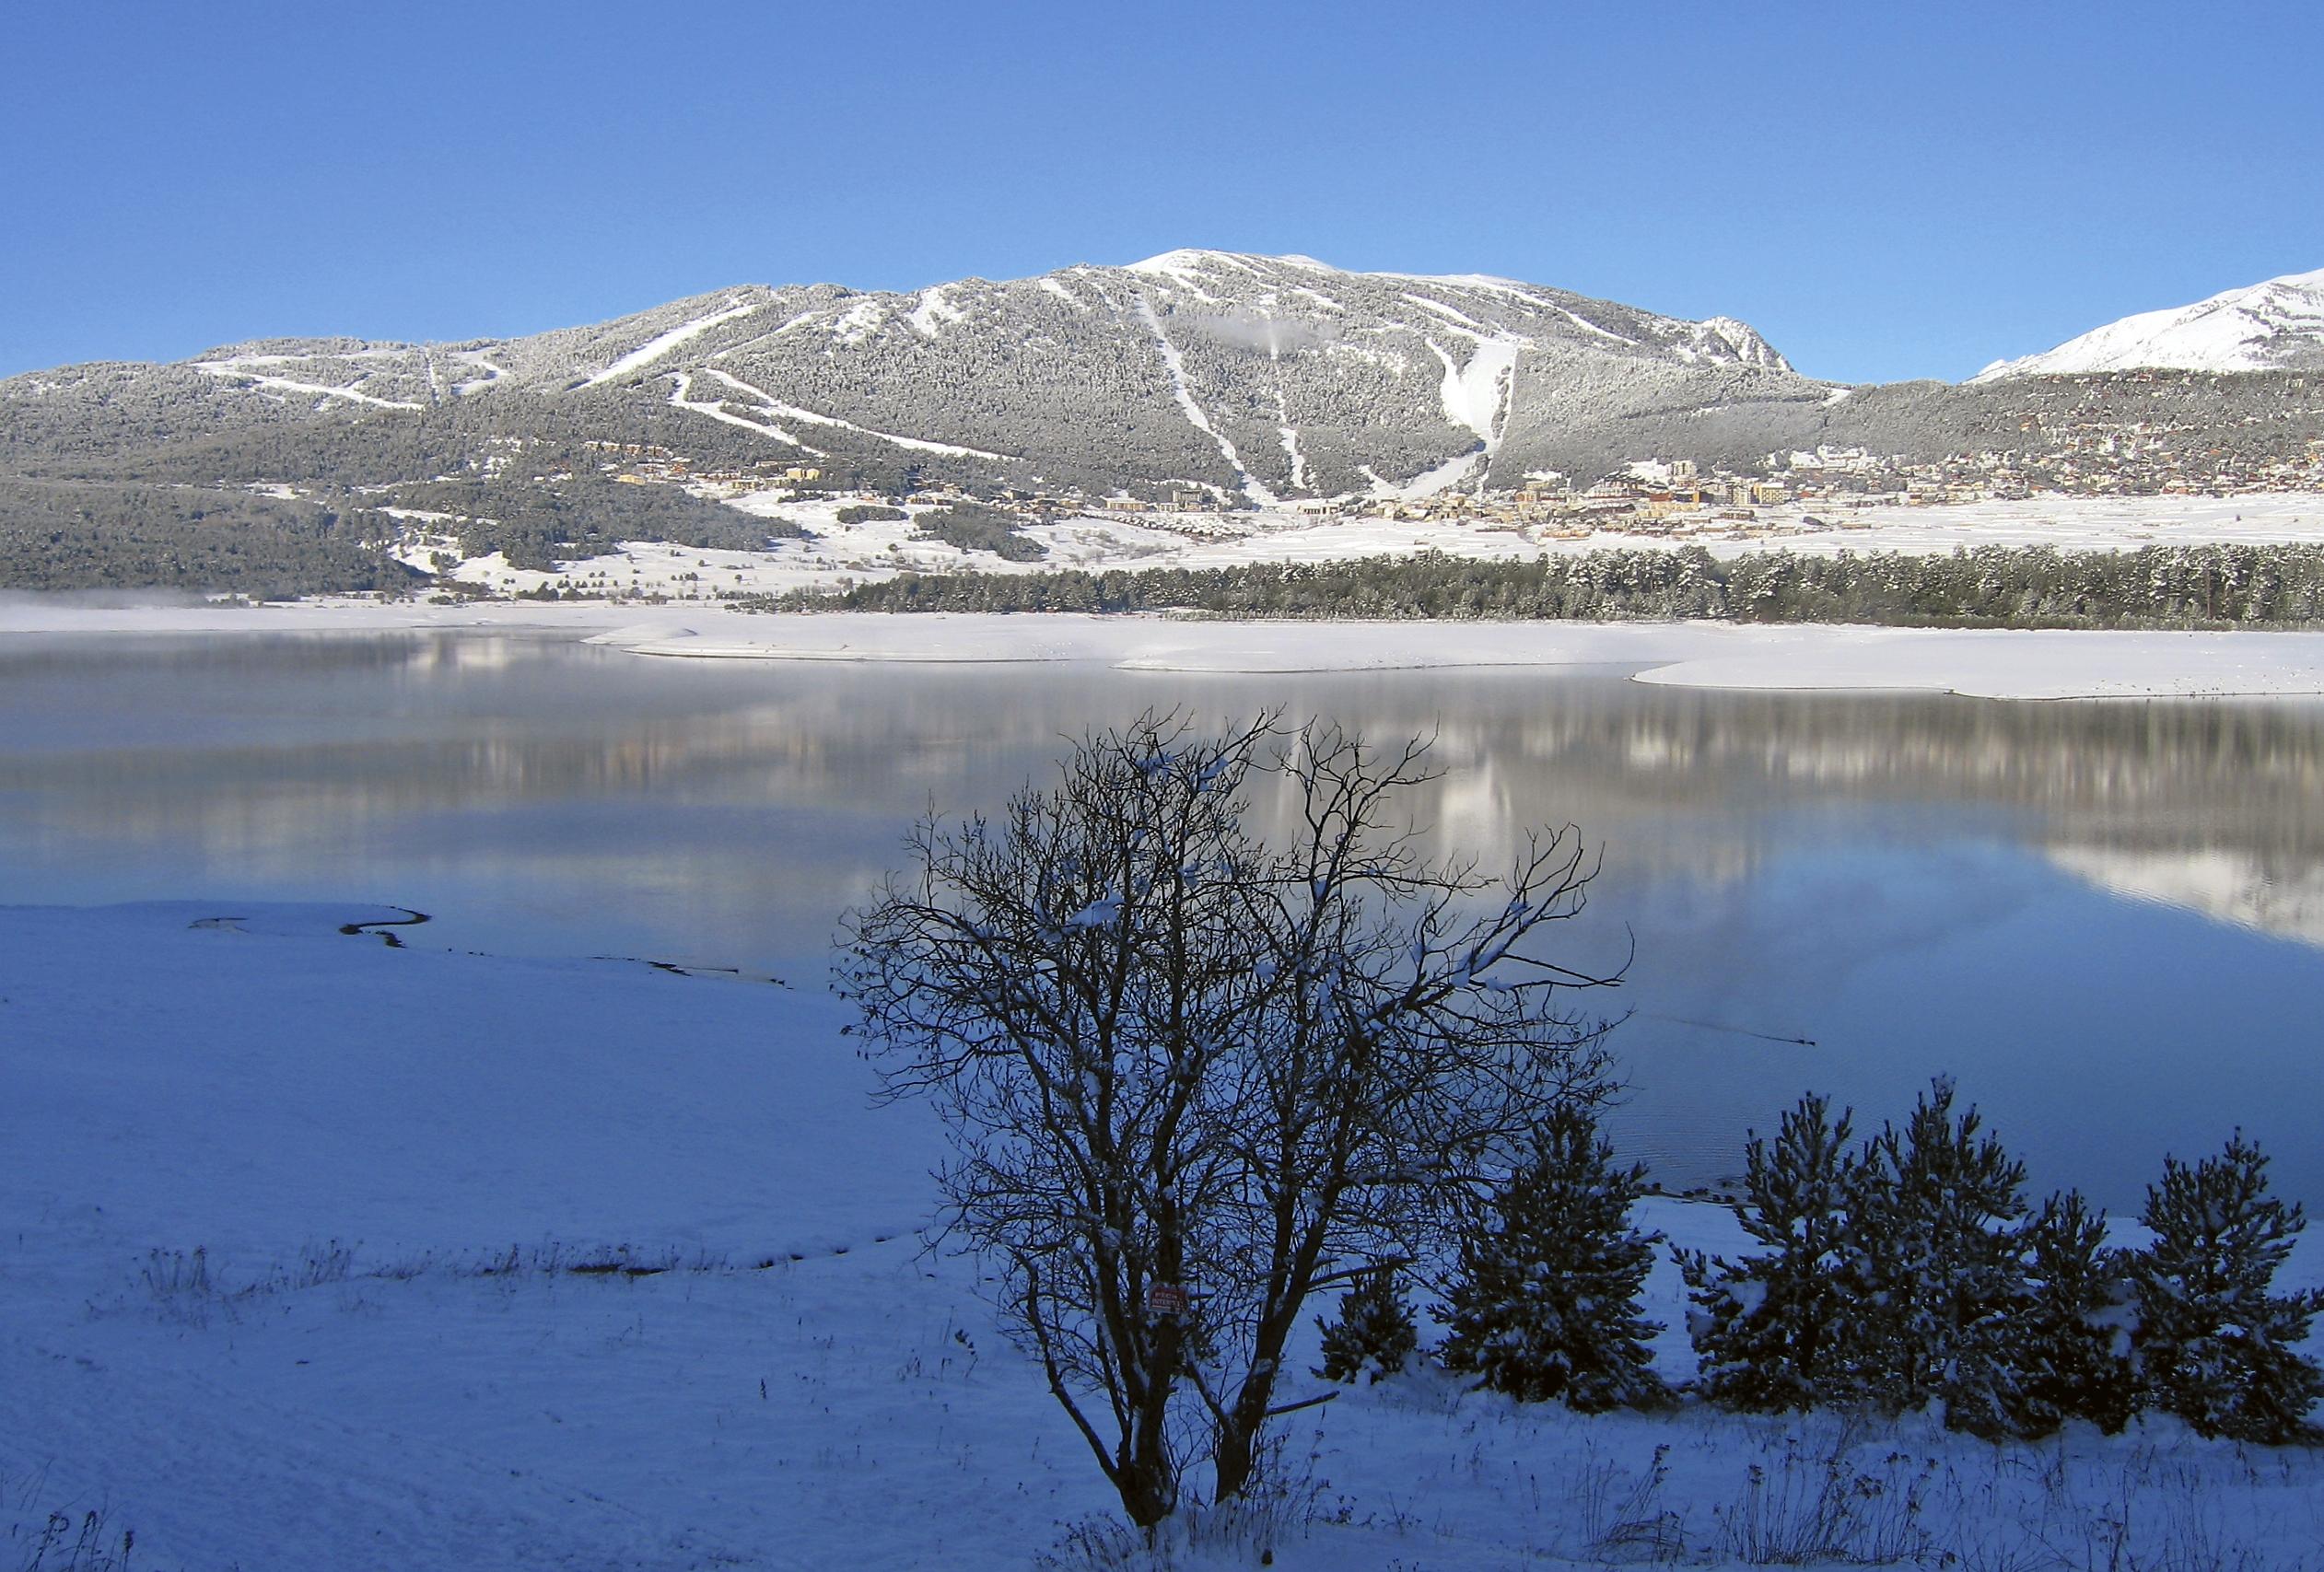 ski resort Les Angles